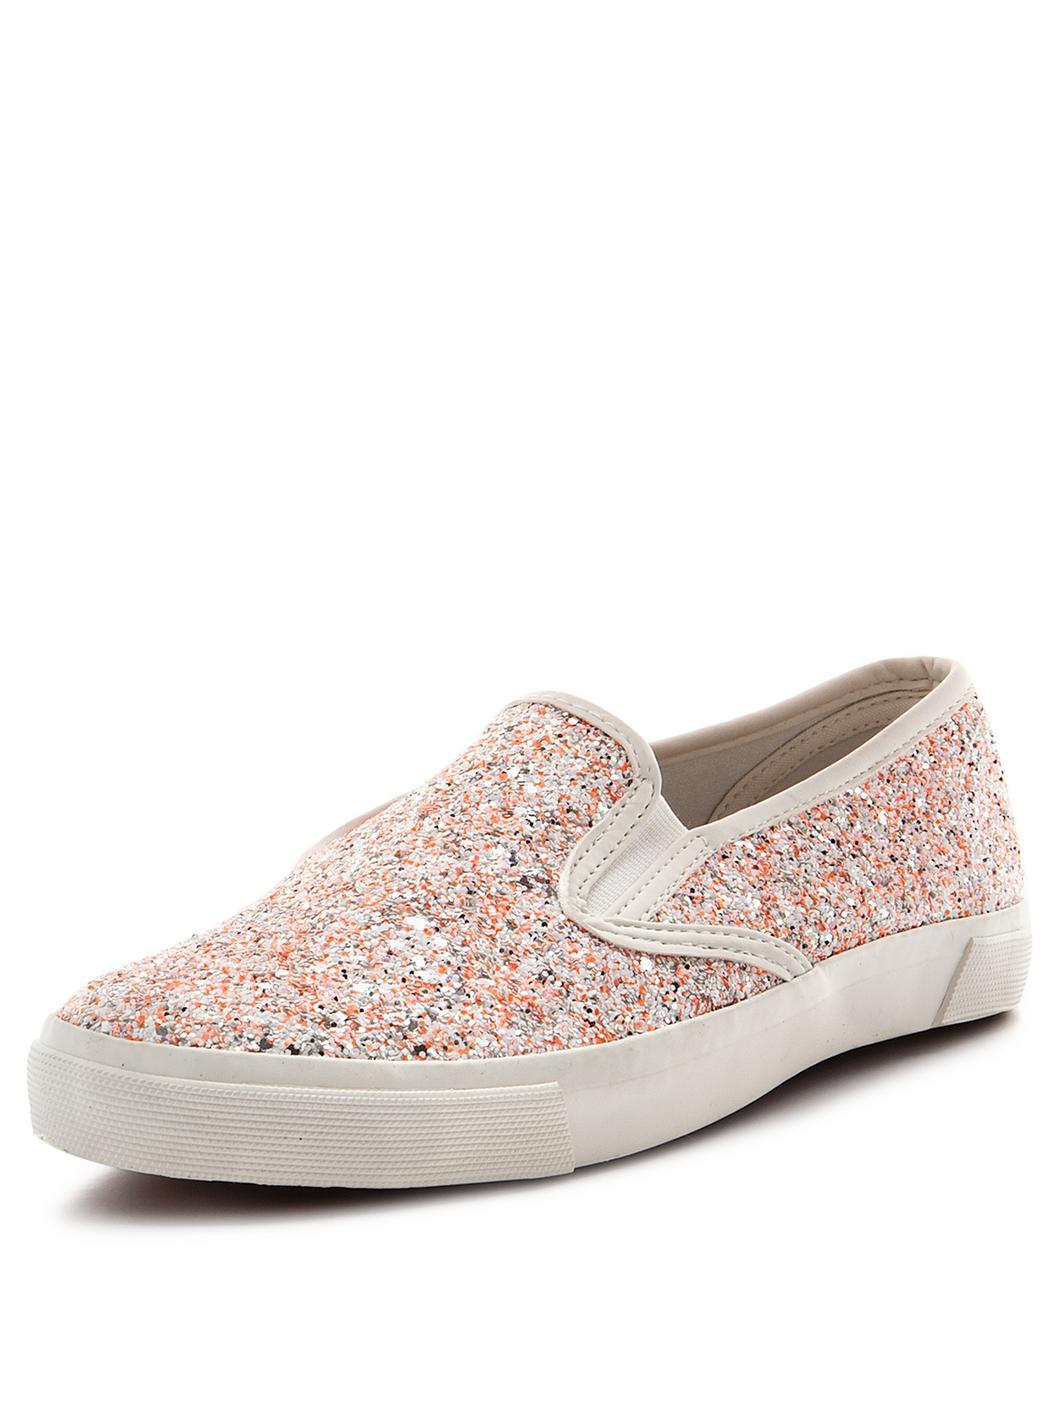 Lipsy Pink Fashion High Fashion Shoes